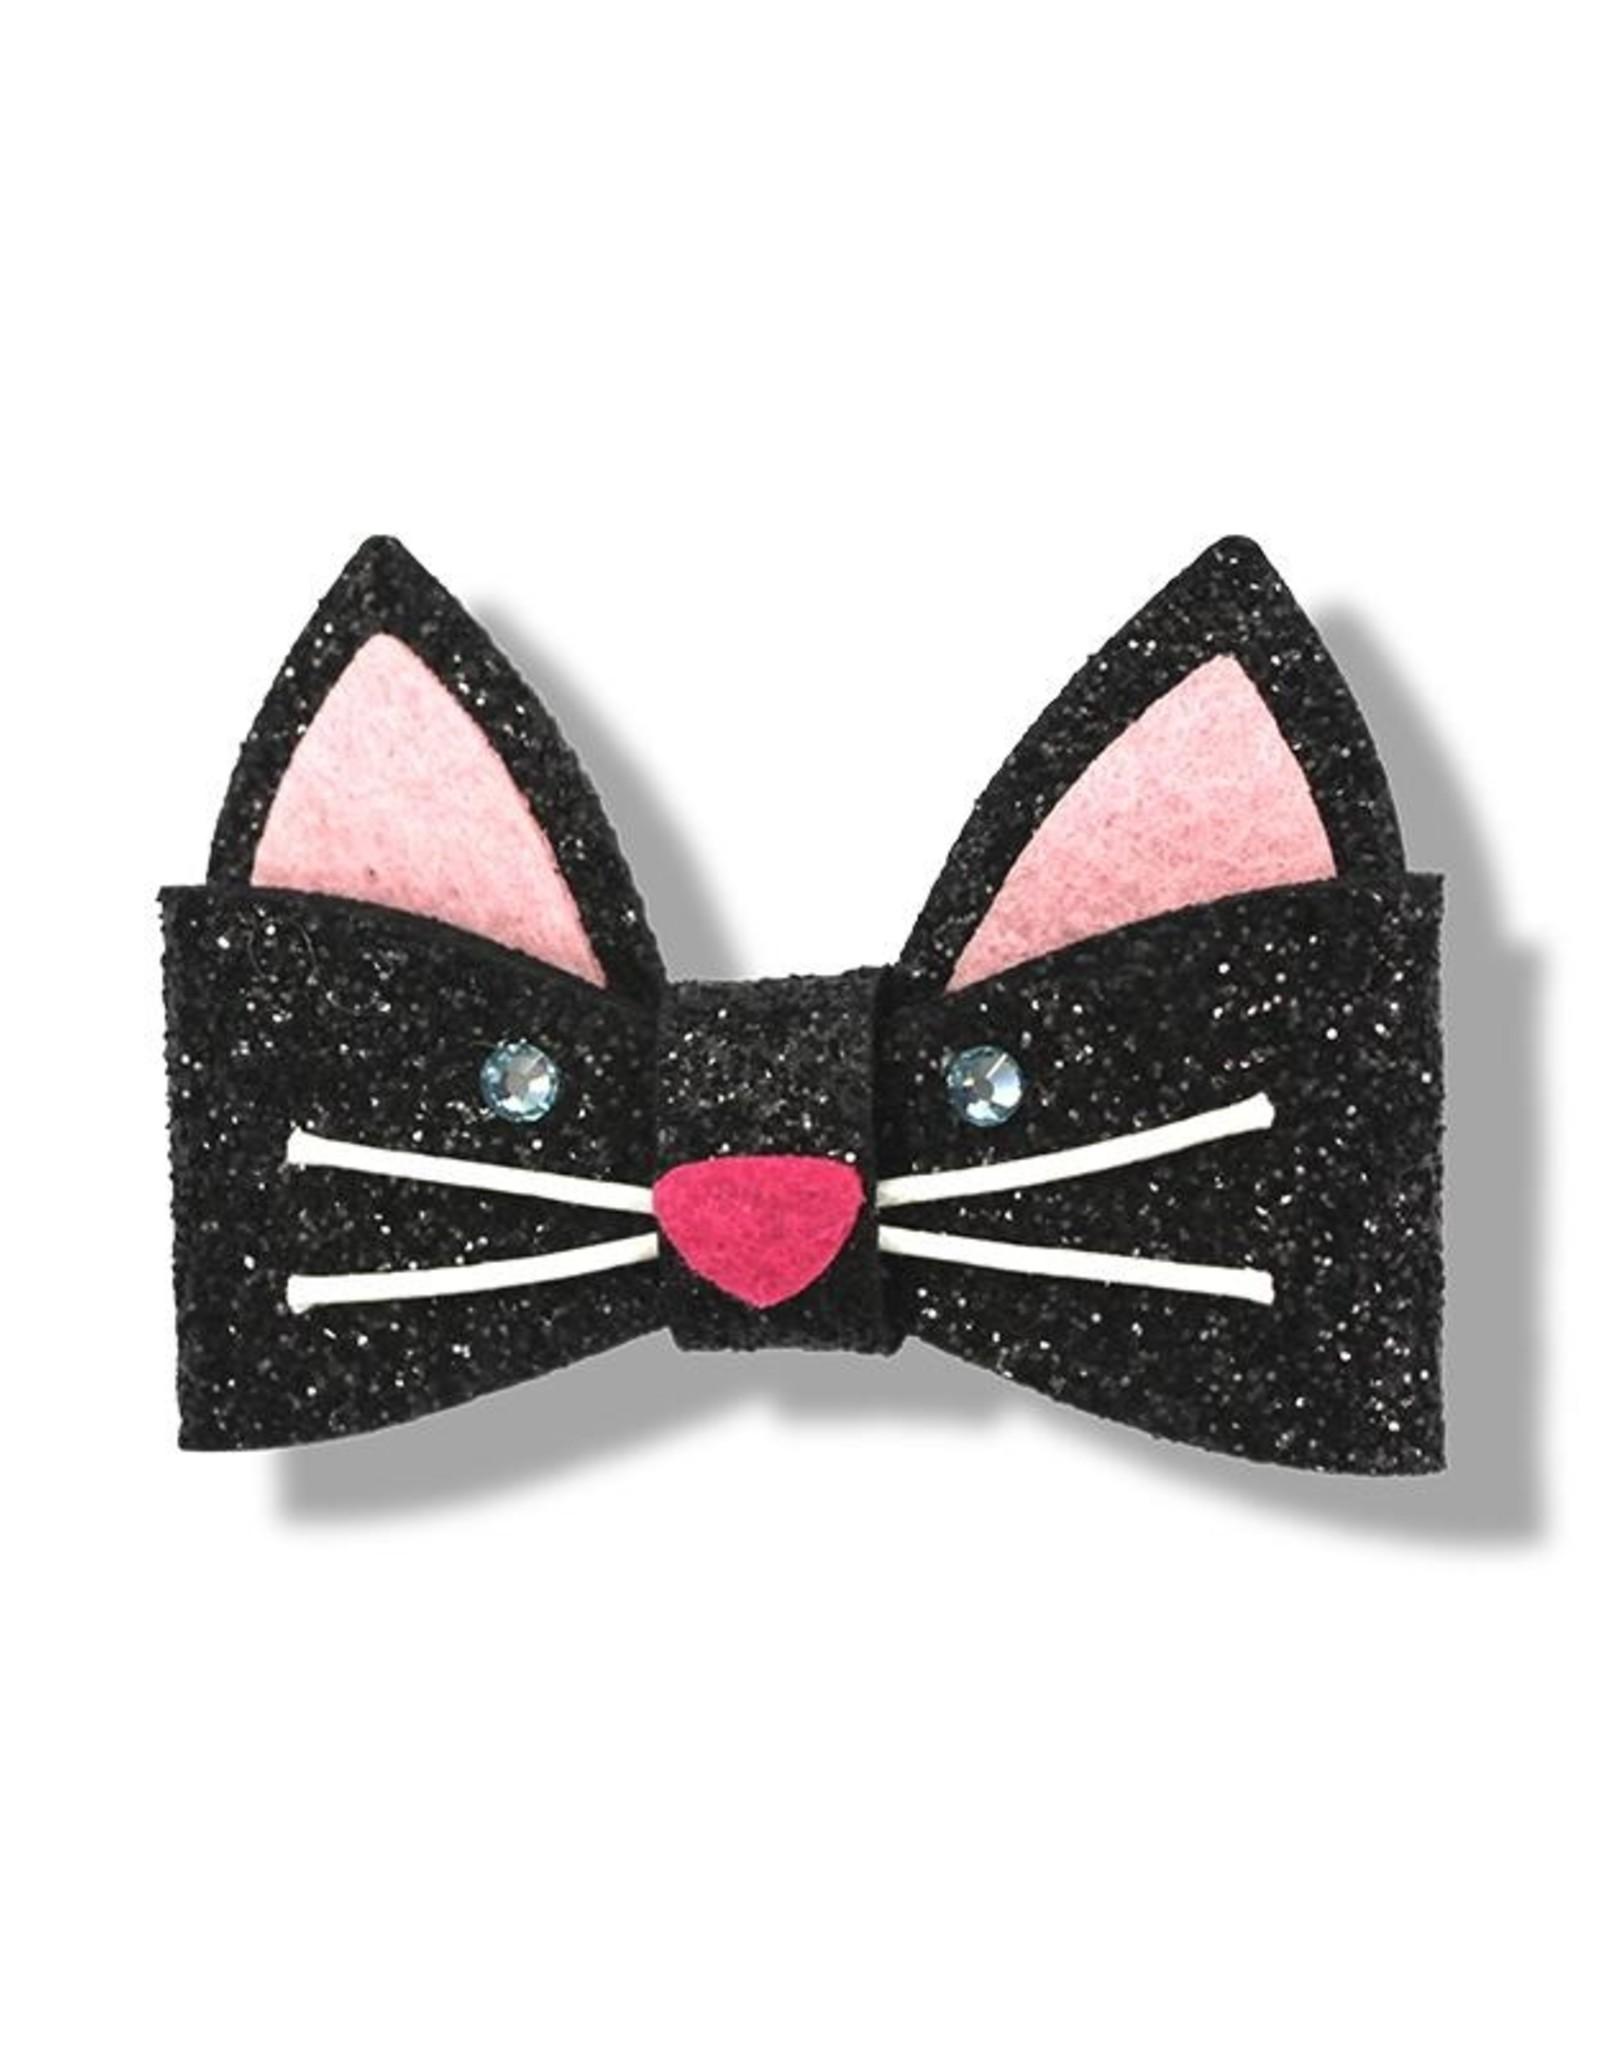 Minista Minista Pet Hair Clip - Black Cat